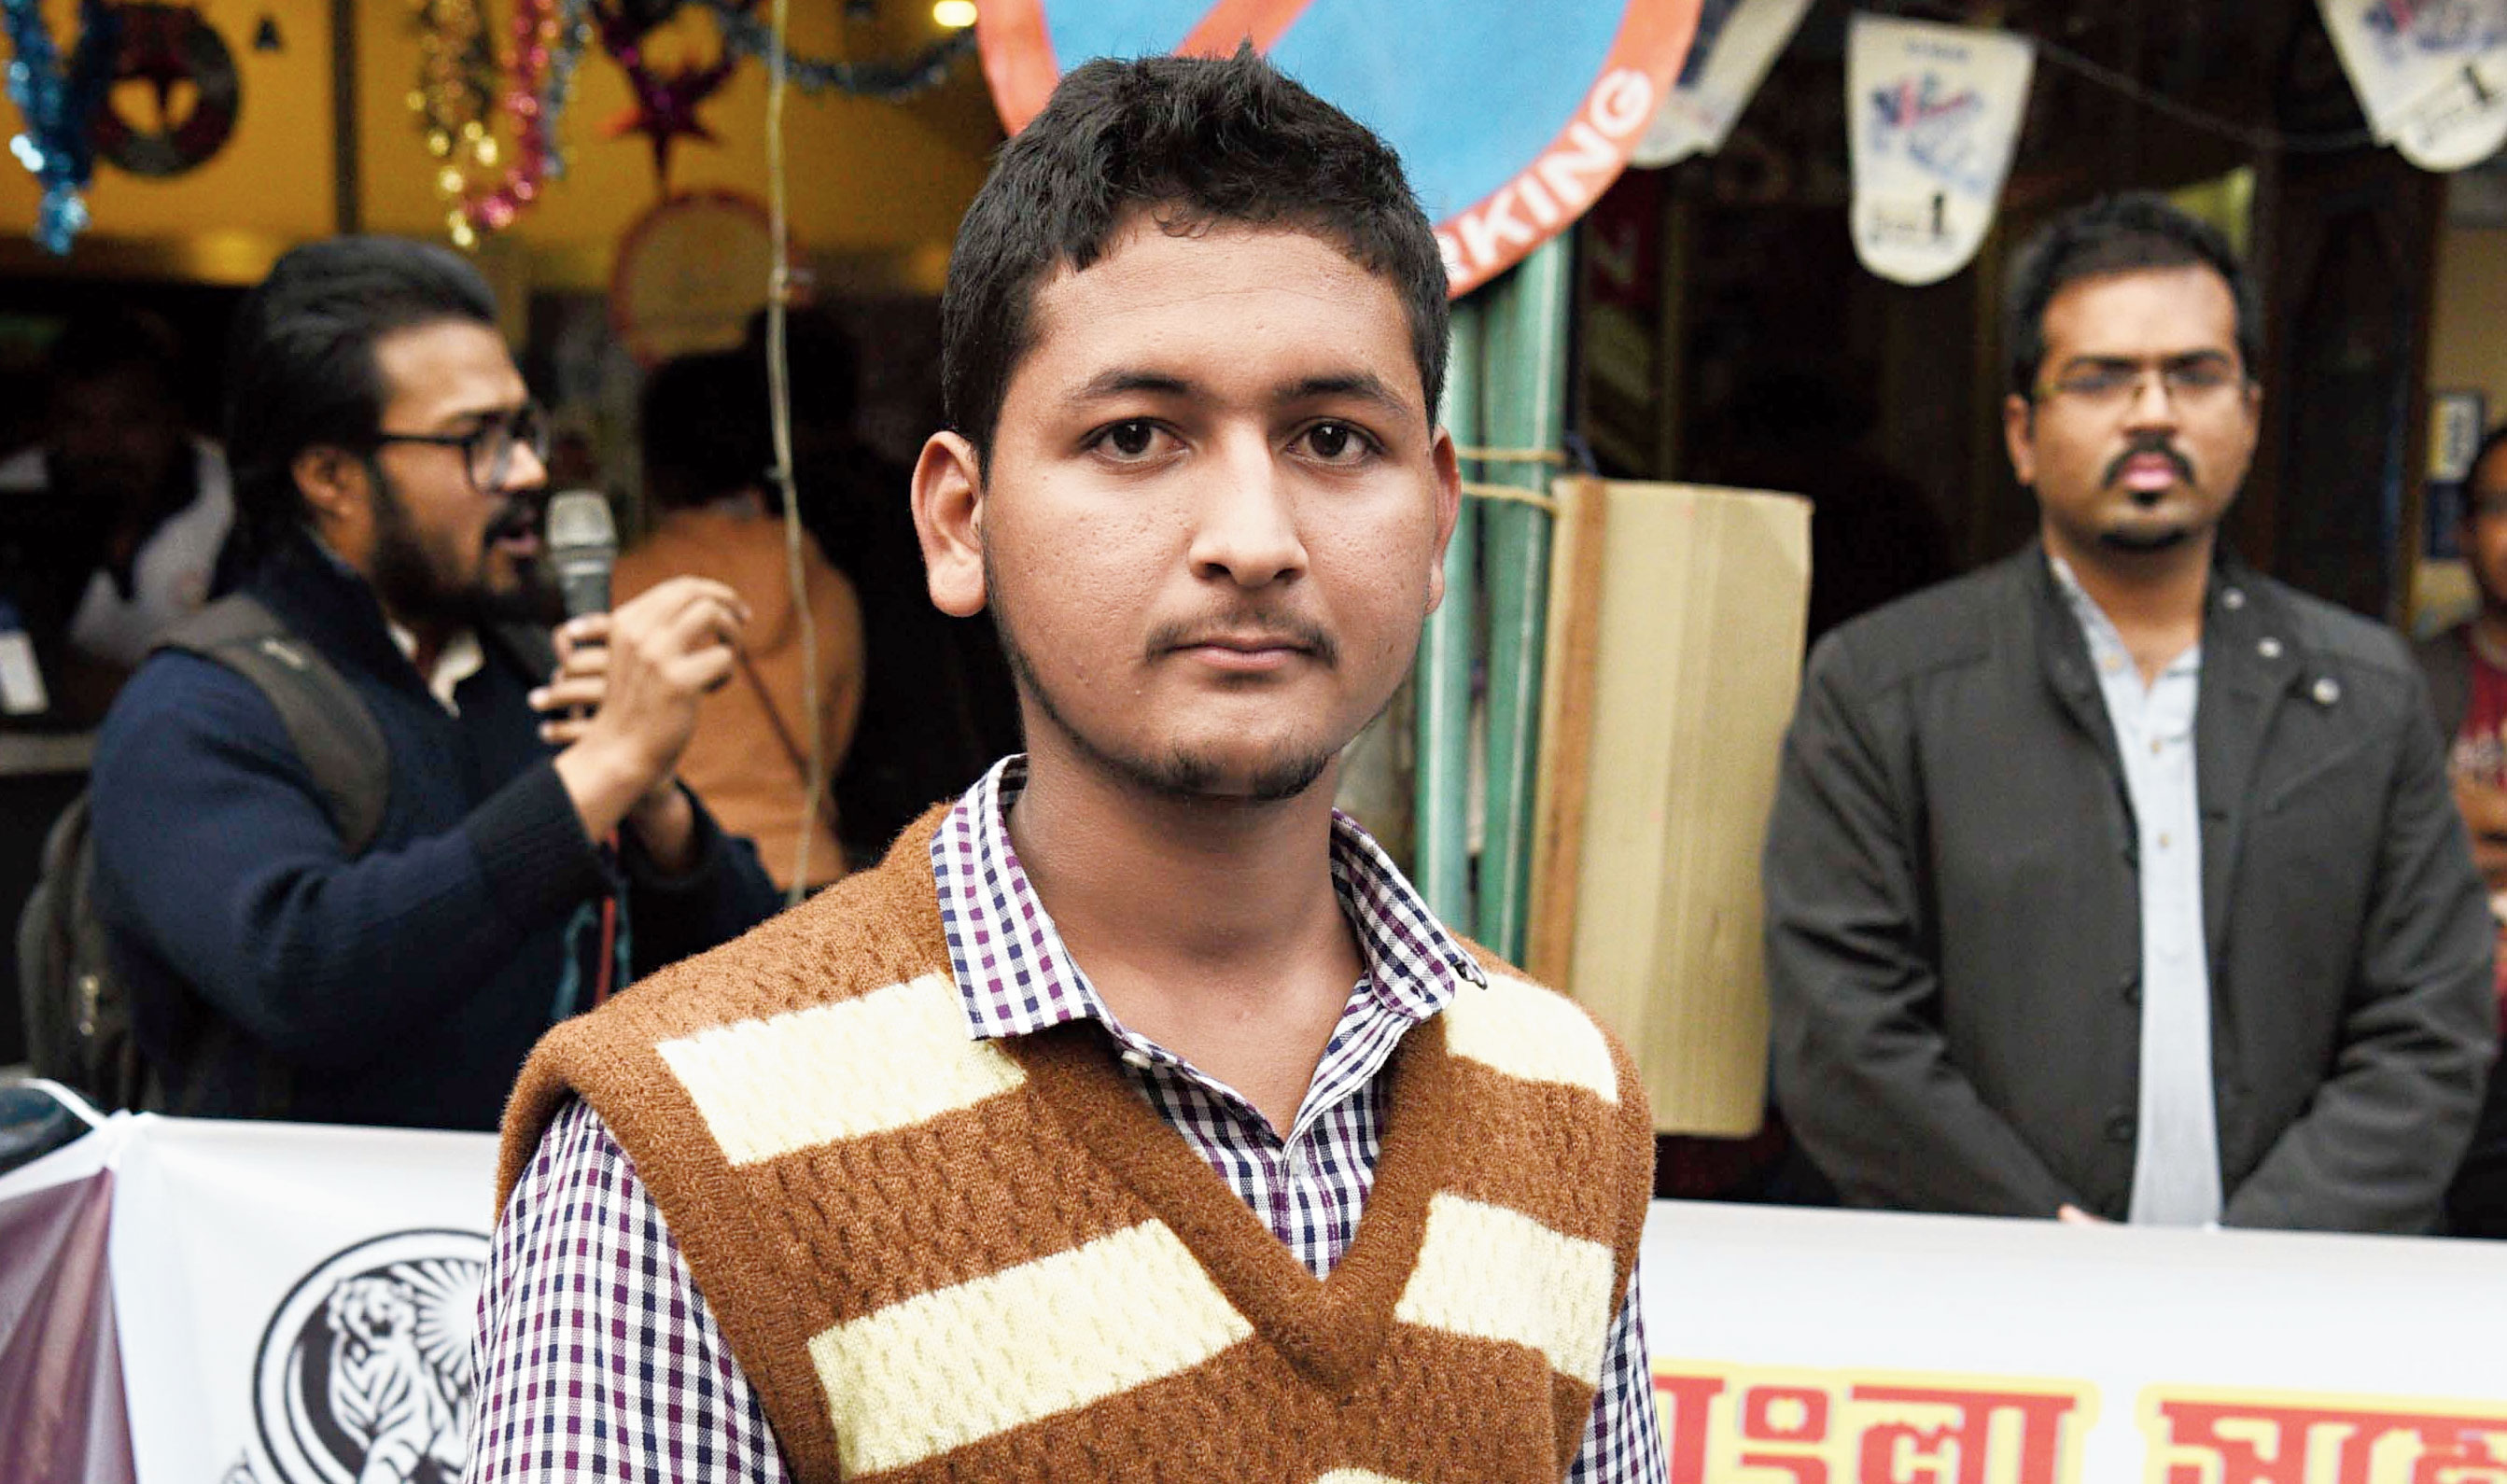 Mustafiur Rahaman outside Jadavpur University on Thursday.